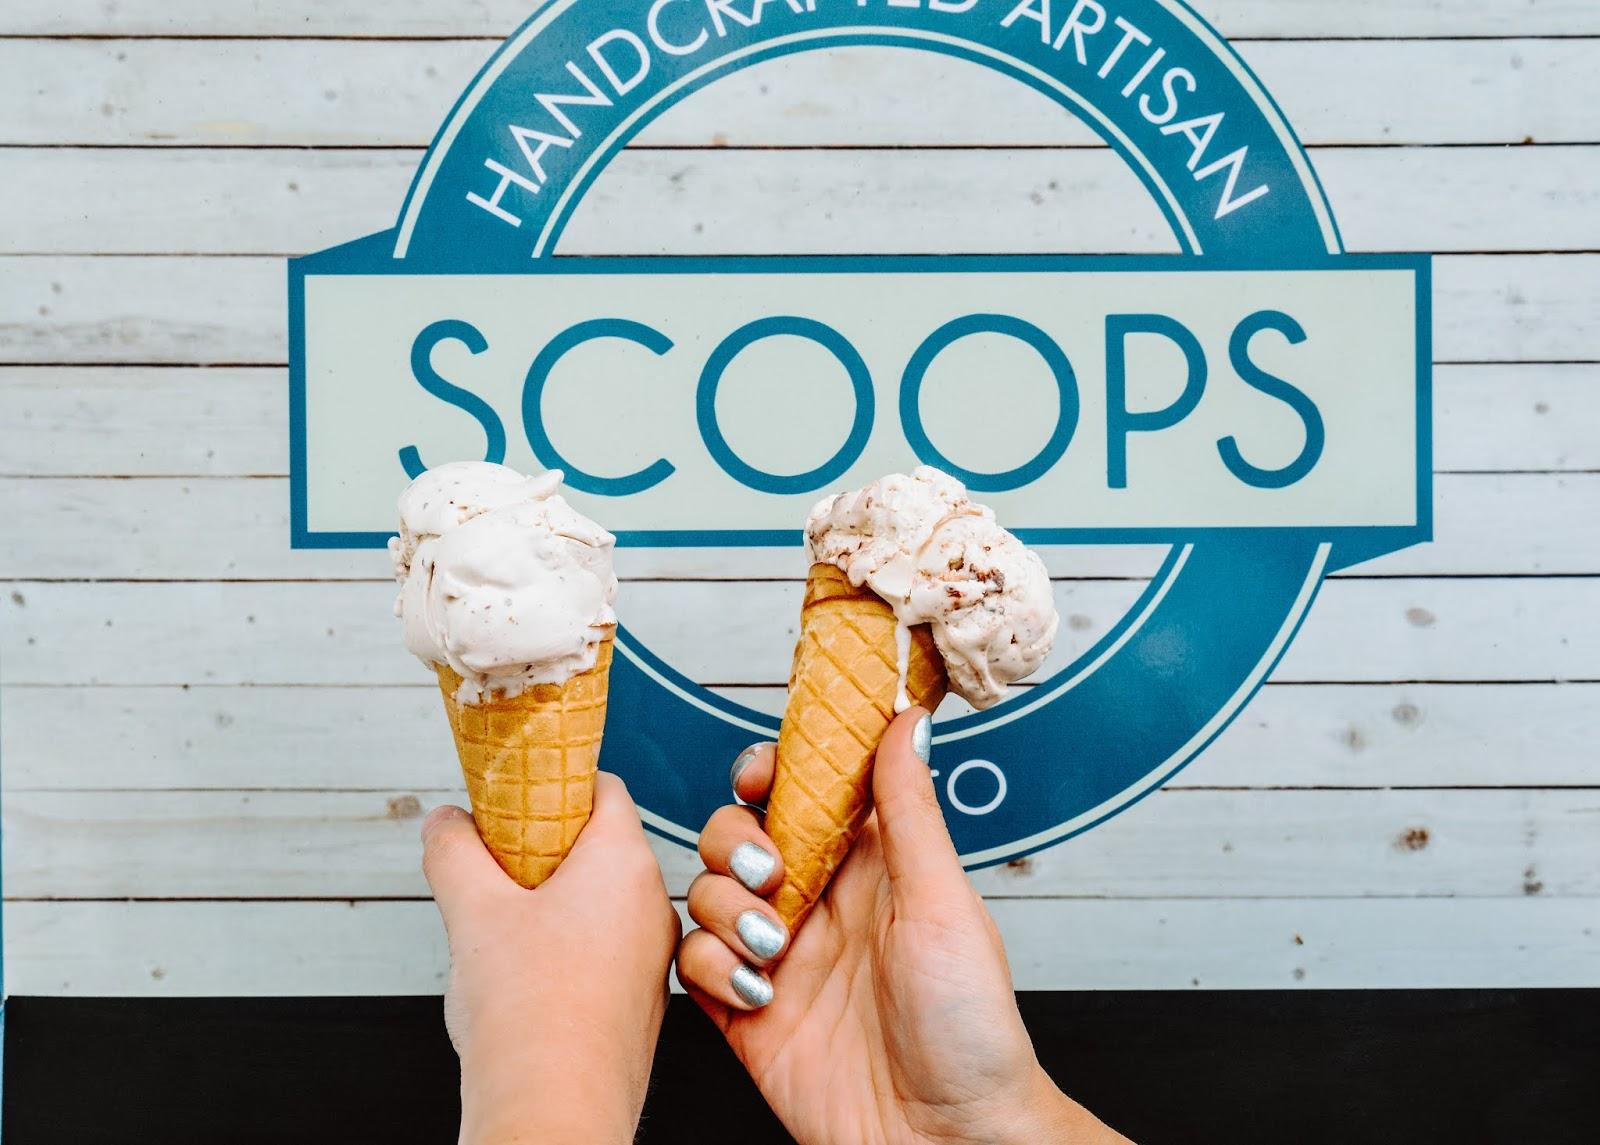 Scoops Ice Cream Cobh, Ireland